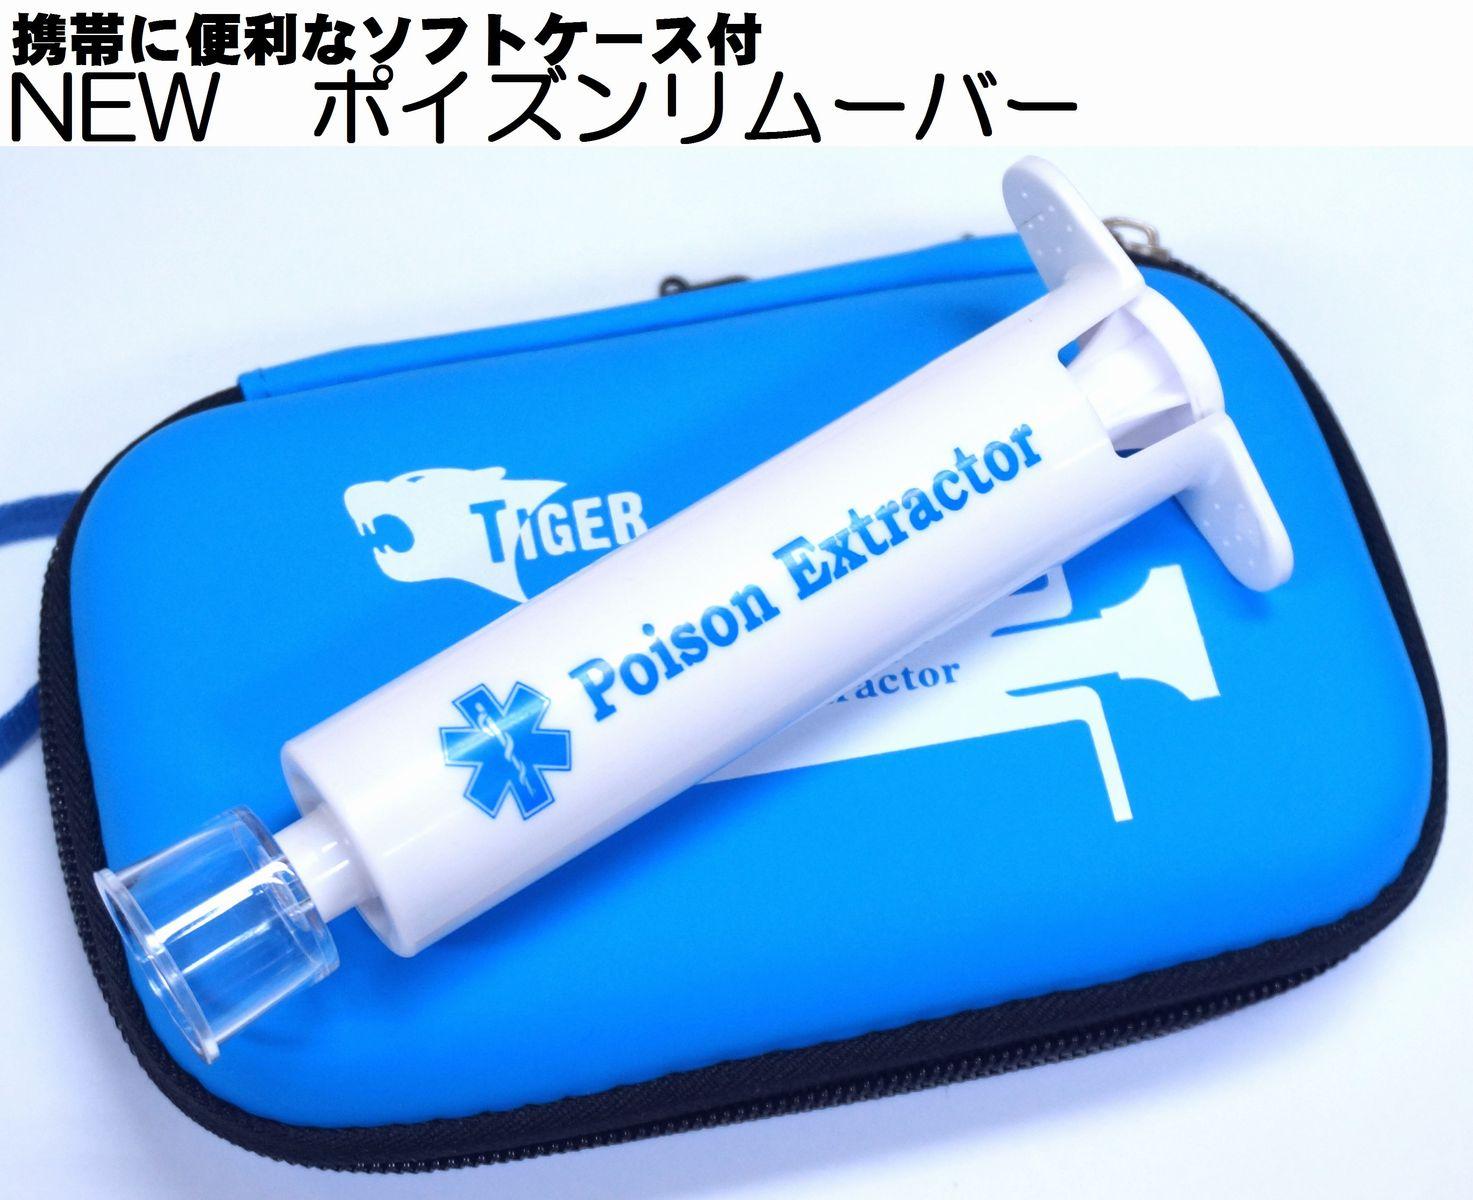 ☆送料無料☆ NEW エクストラクター ポイズンリムーバー(応急用毒吸取り器) 携帯ポーチ付 品質2年間保証